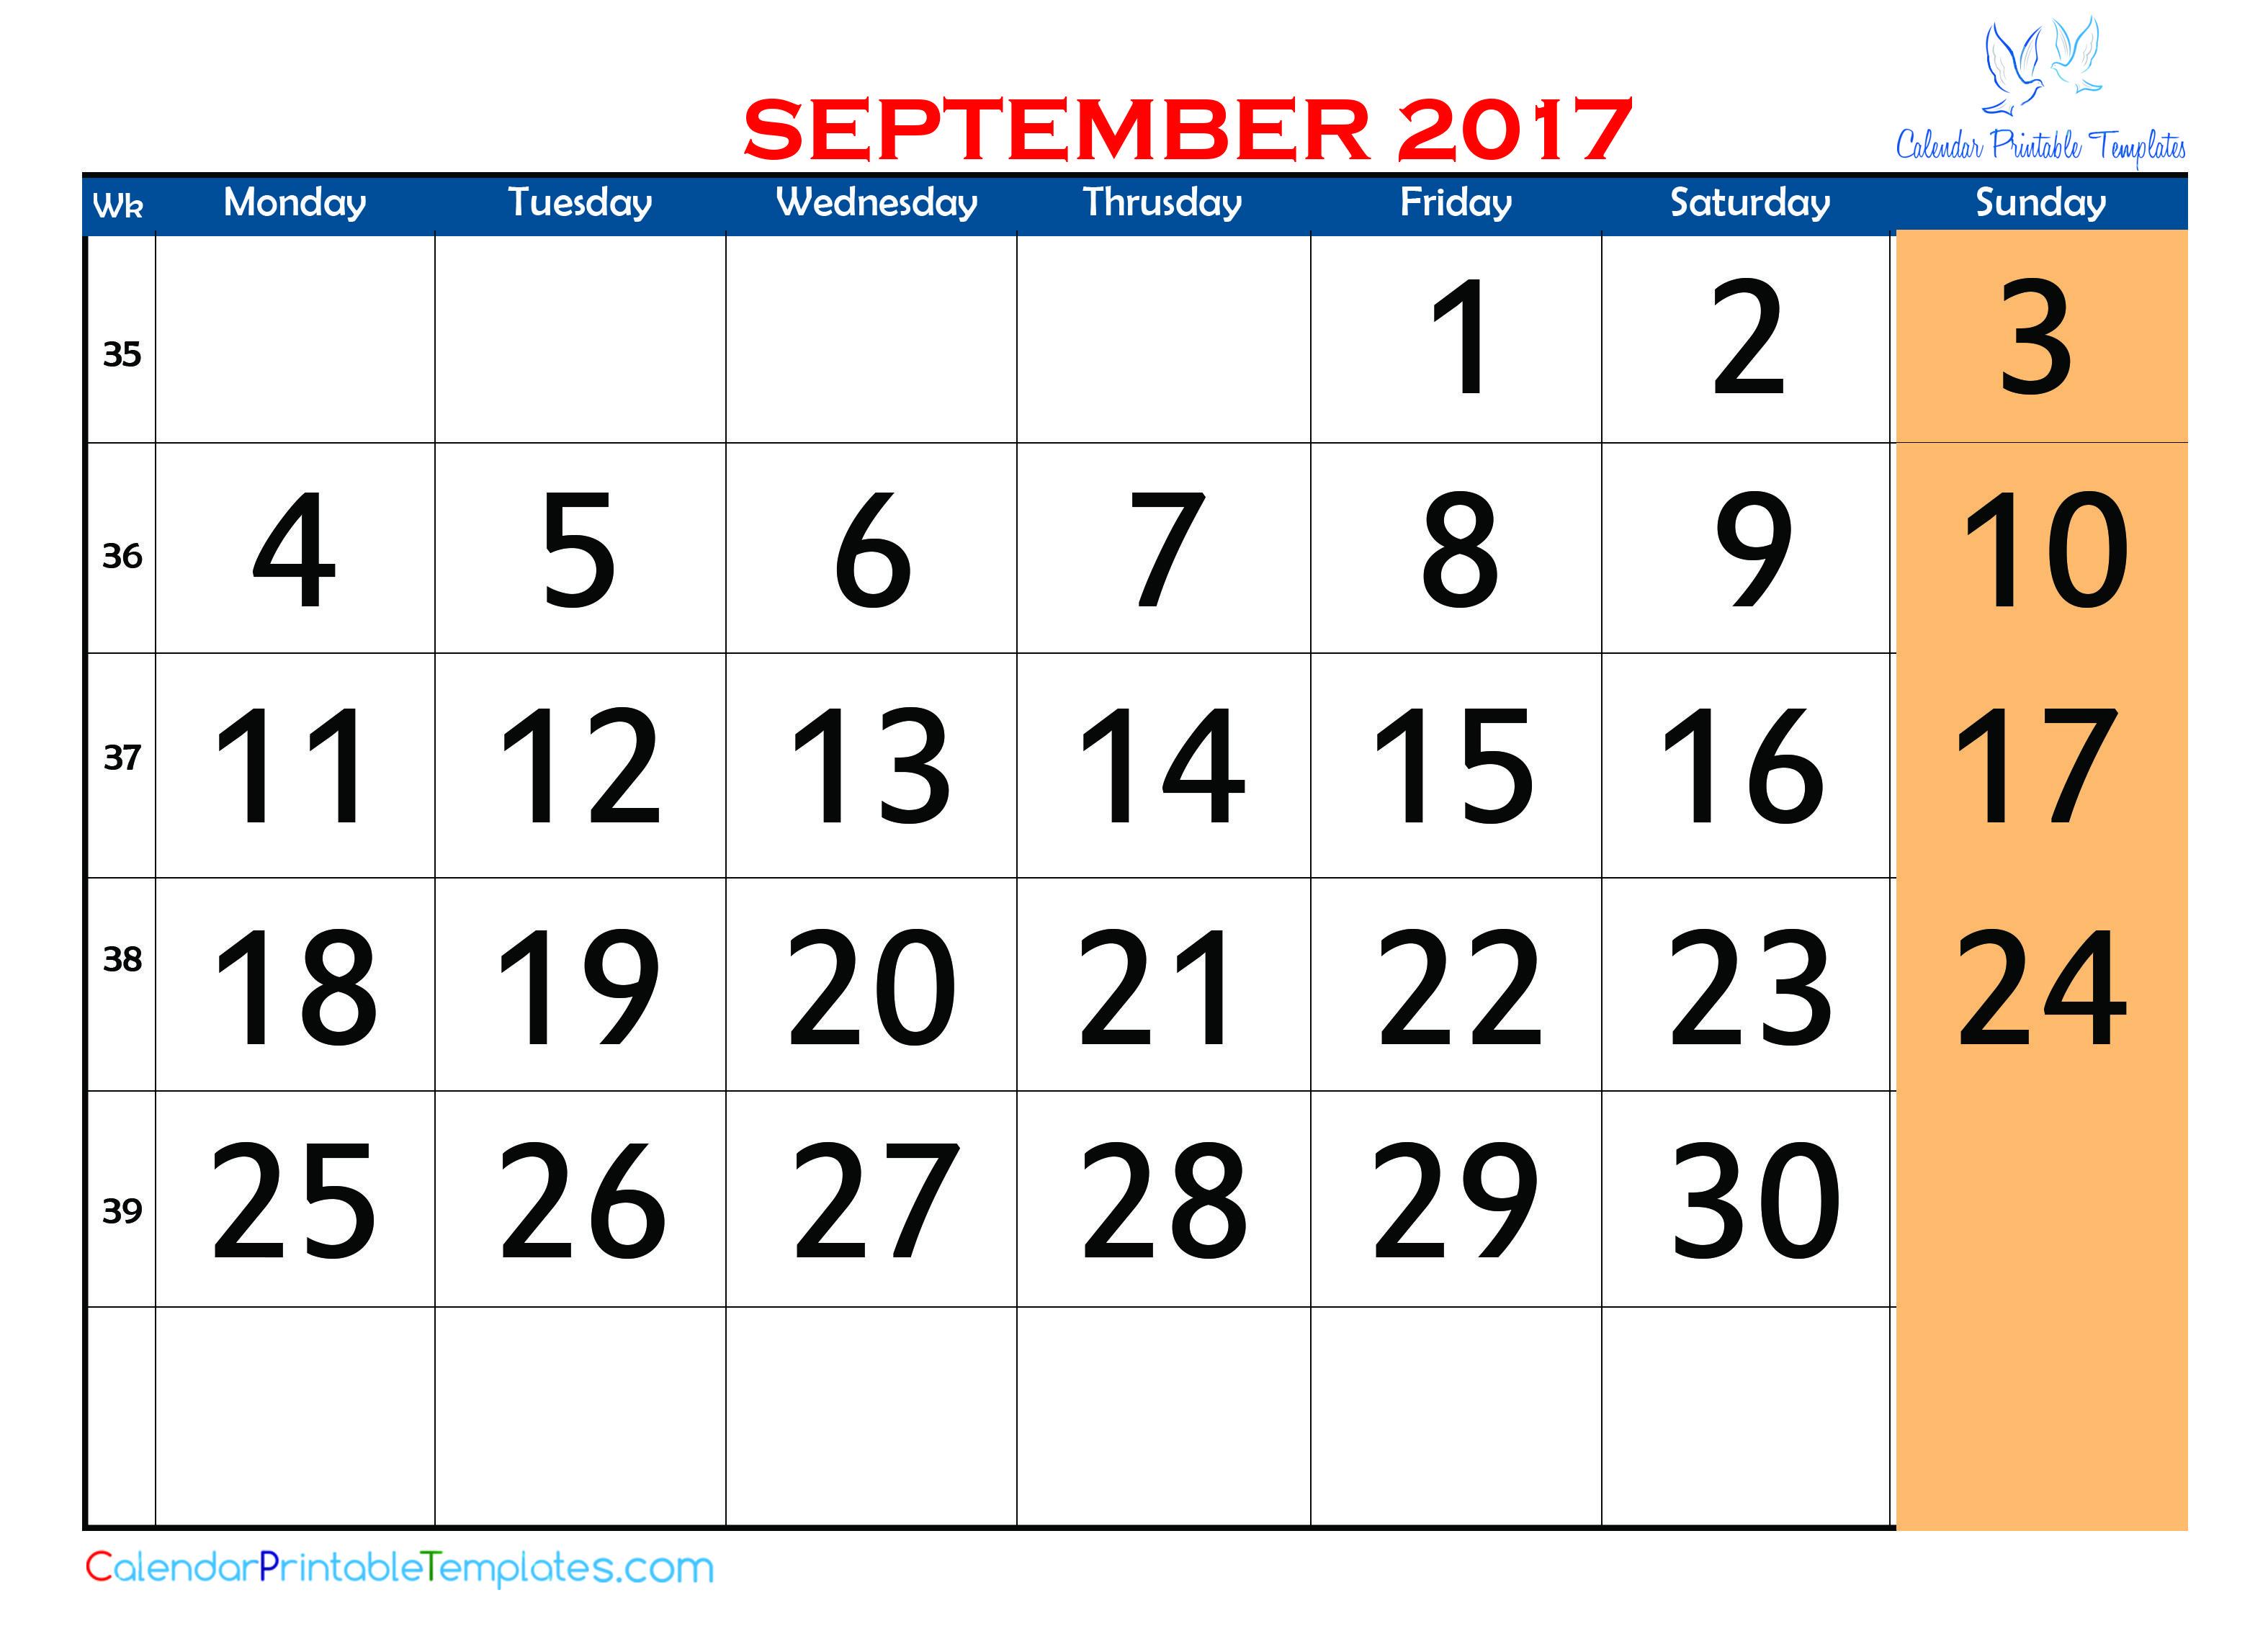 September 2017 Calendar Pdf Http Www Calendarprintabletemplates